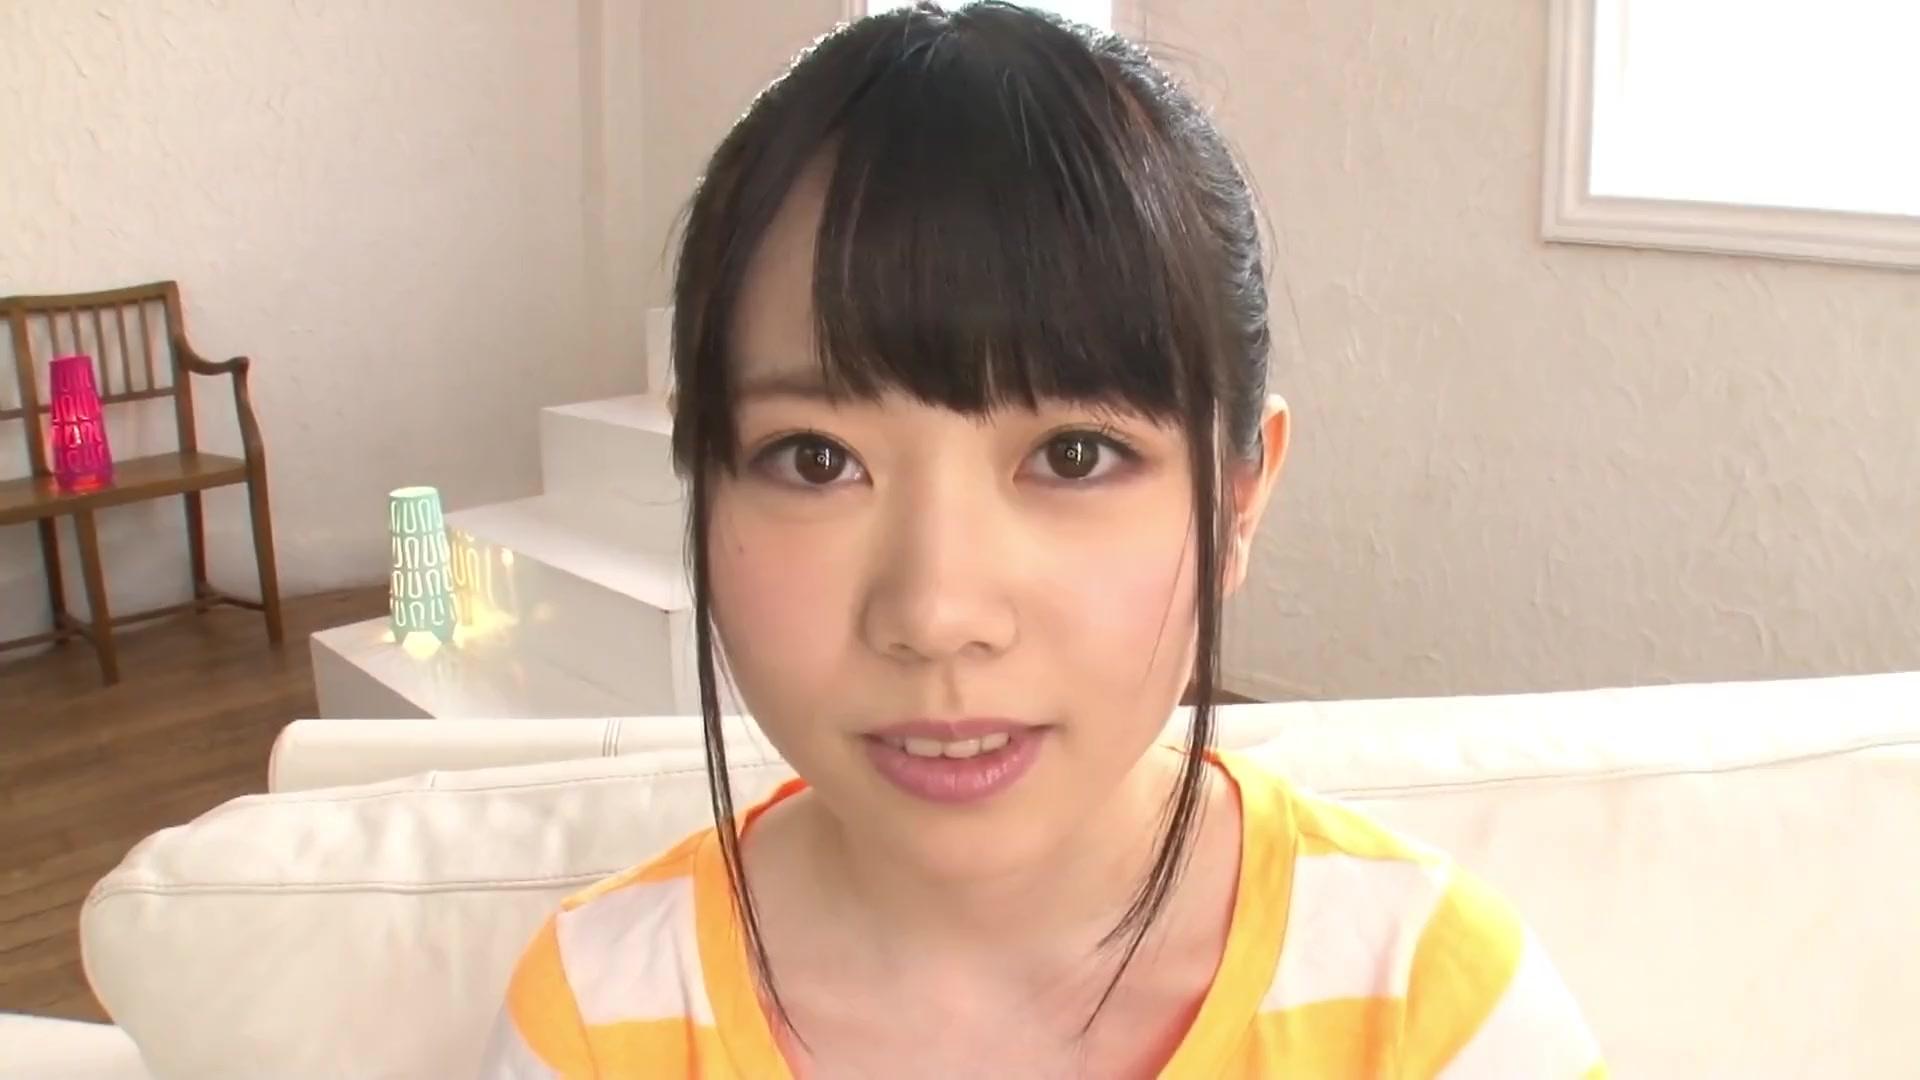 健康的なピチピチ女子高生がプリケツを突き出しておっさんの手マンに喘ぐの美少女動画